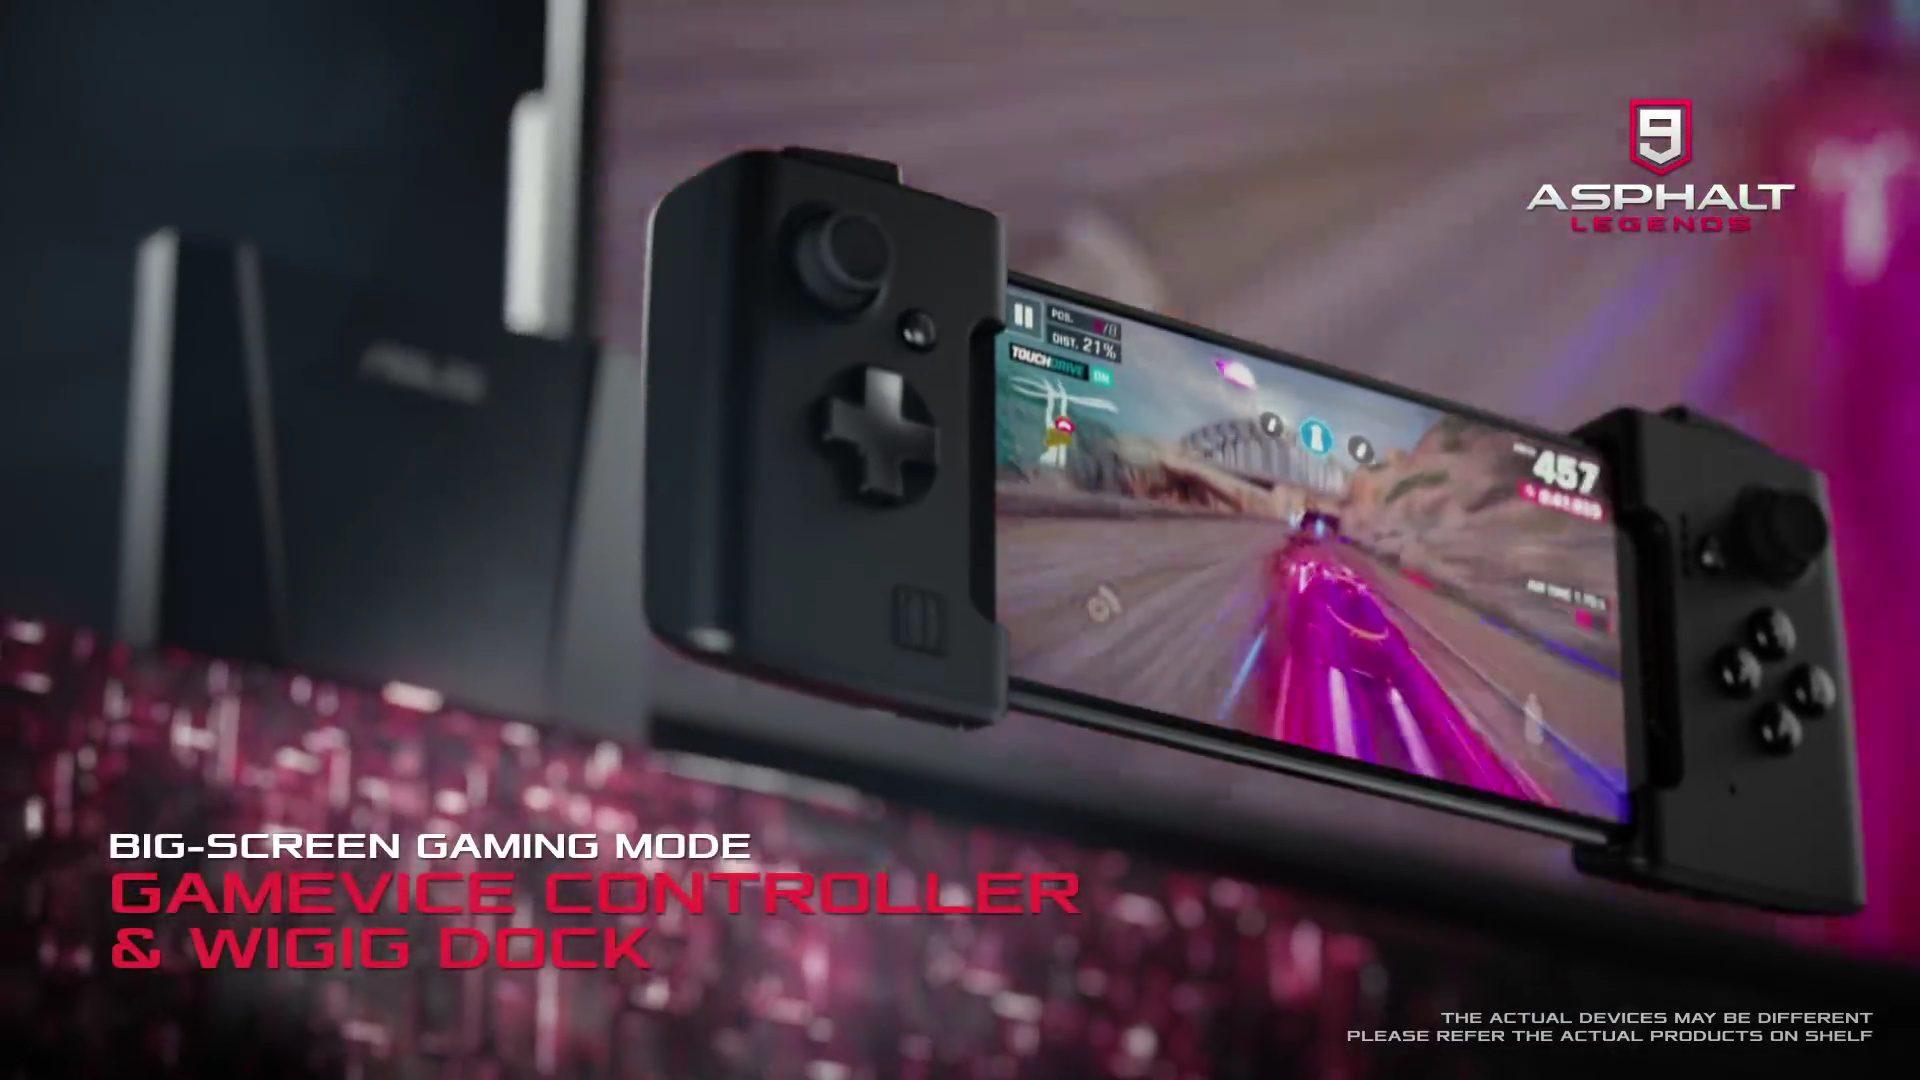 ตัวอย่างเล่นเกมบนมือถือ Asus ROG Phone